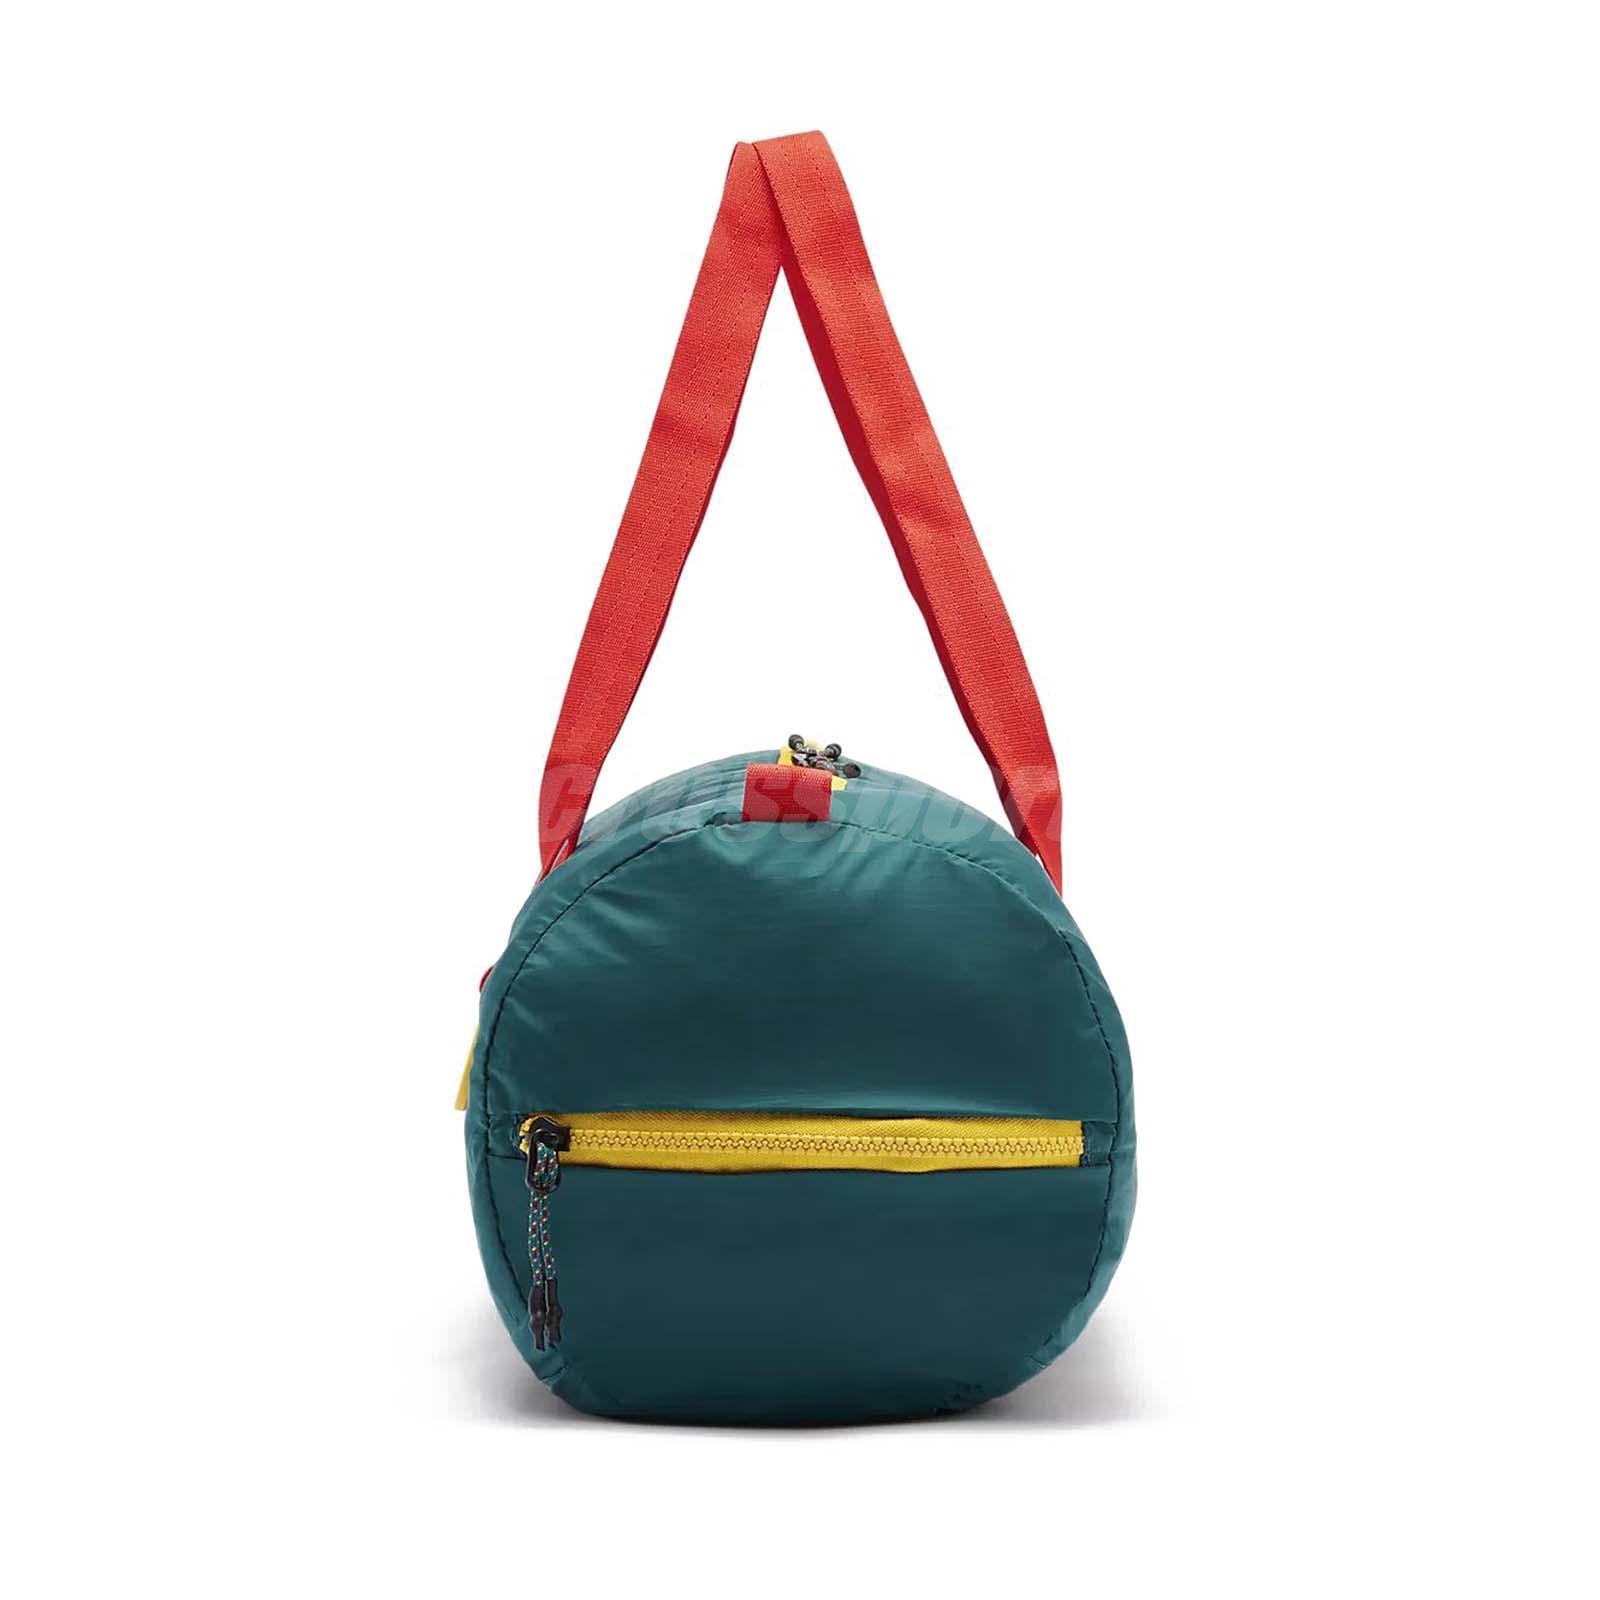 Nike ACG Packable Duffle Bag NSW Gym Workout Running Sport Geode ... 506bdf25e37d1